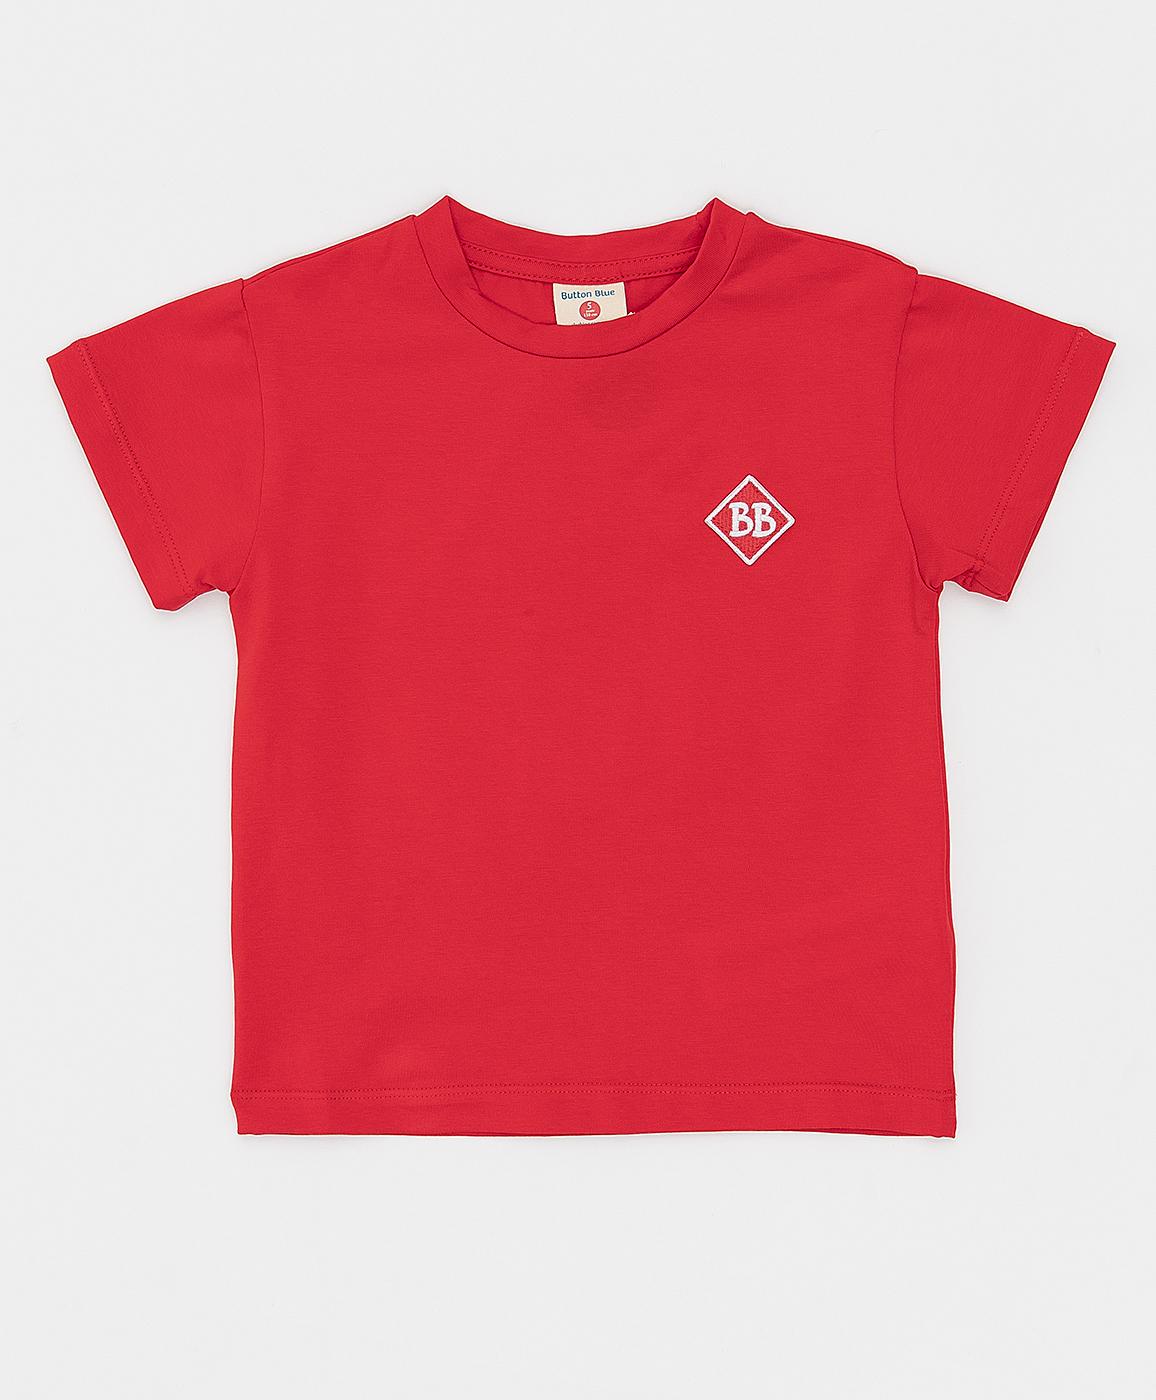 Купить 121BBBMC12113500, Красная футболка Button Blue, красный, 116, Кроёный трикотаж, Мужской, Лето, ВЕСНА/ЛЕТО 2021 (shop: GulliverMarket Gulliver Market)